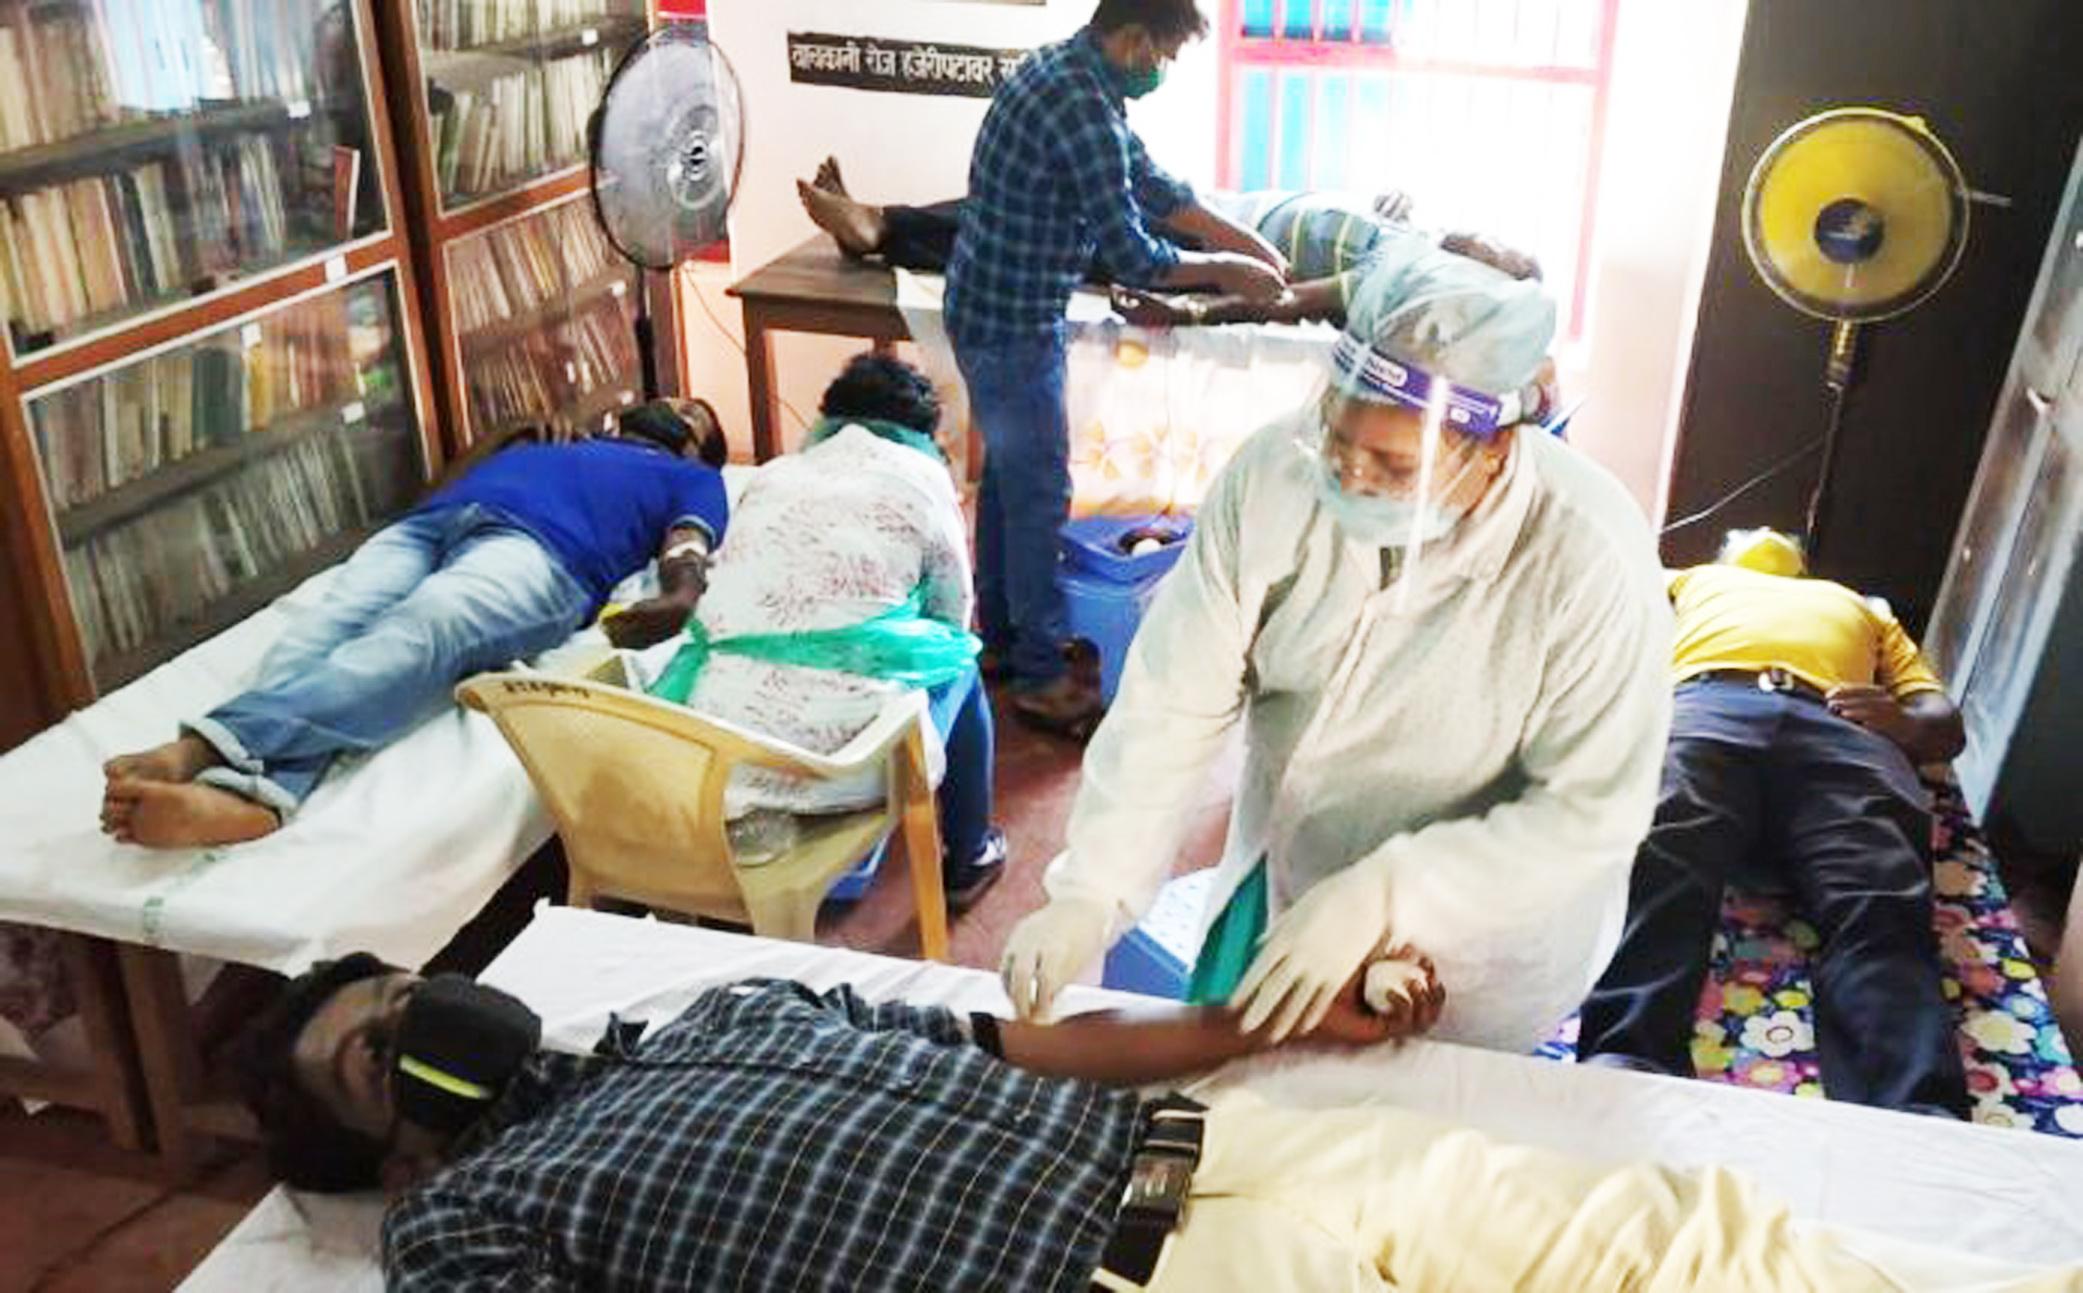 सलग १५व्या रक्तदान शिबिरास ४६ जणांचा प्रतिसाद